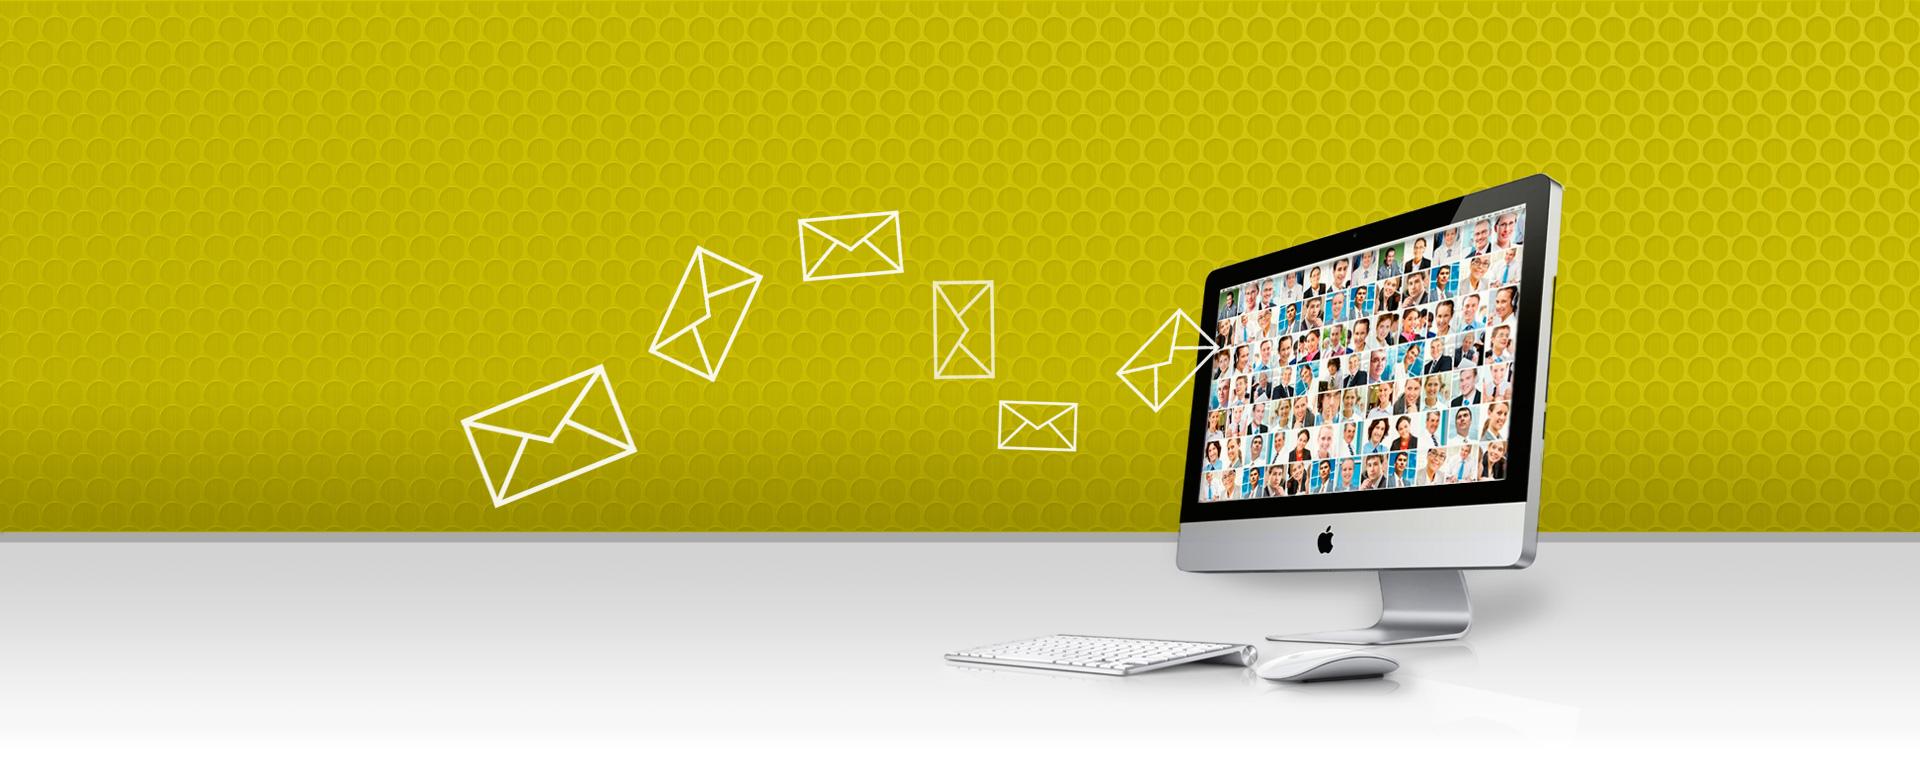 ایمیل مارکتینگ راهی برای جذب مشتری , ایمیل مارکتینگ , جذب مخاطب با خبرنامه , اهمیت ایمیل مارکتینگ